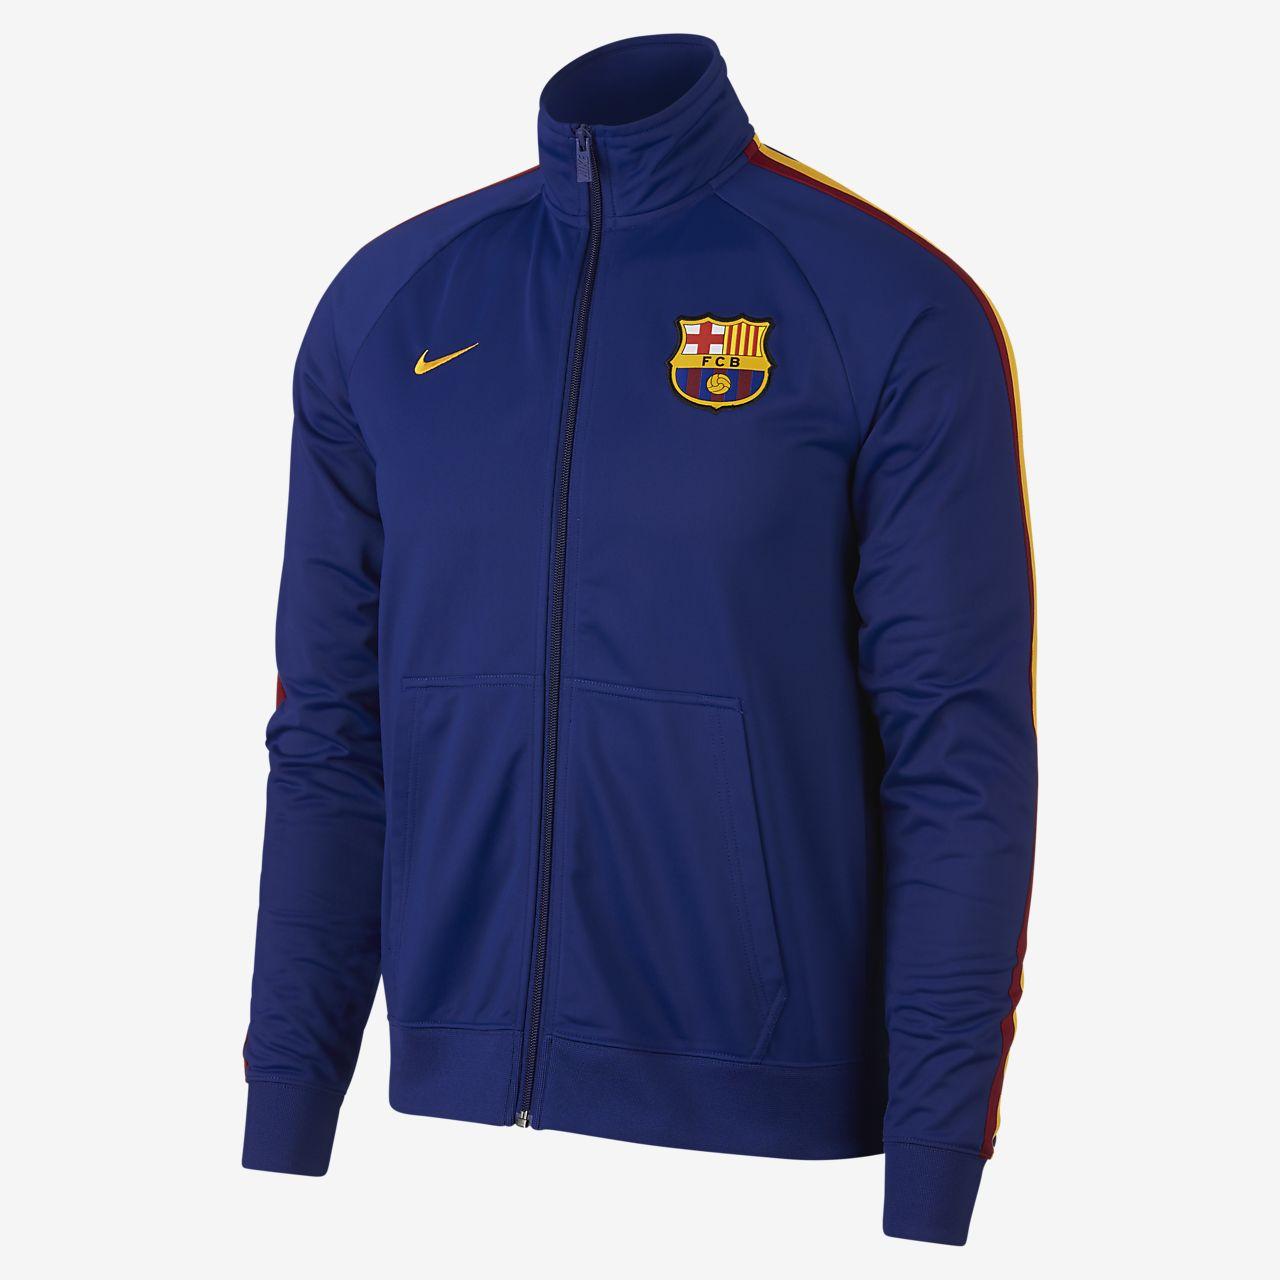 FC Barcelona Chaqueta - Hombre. Nike.com ES 1a16e7bc80d